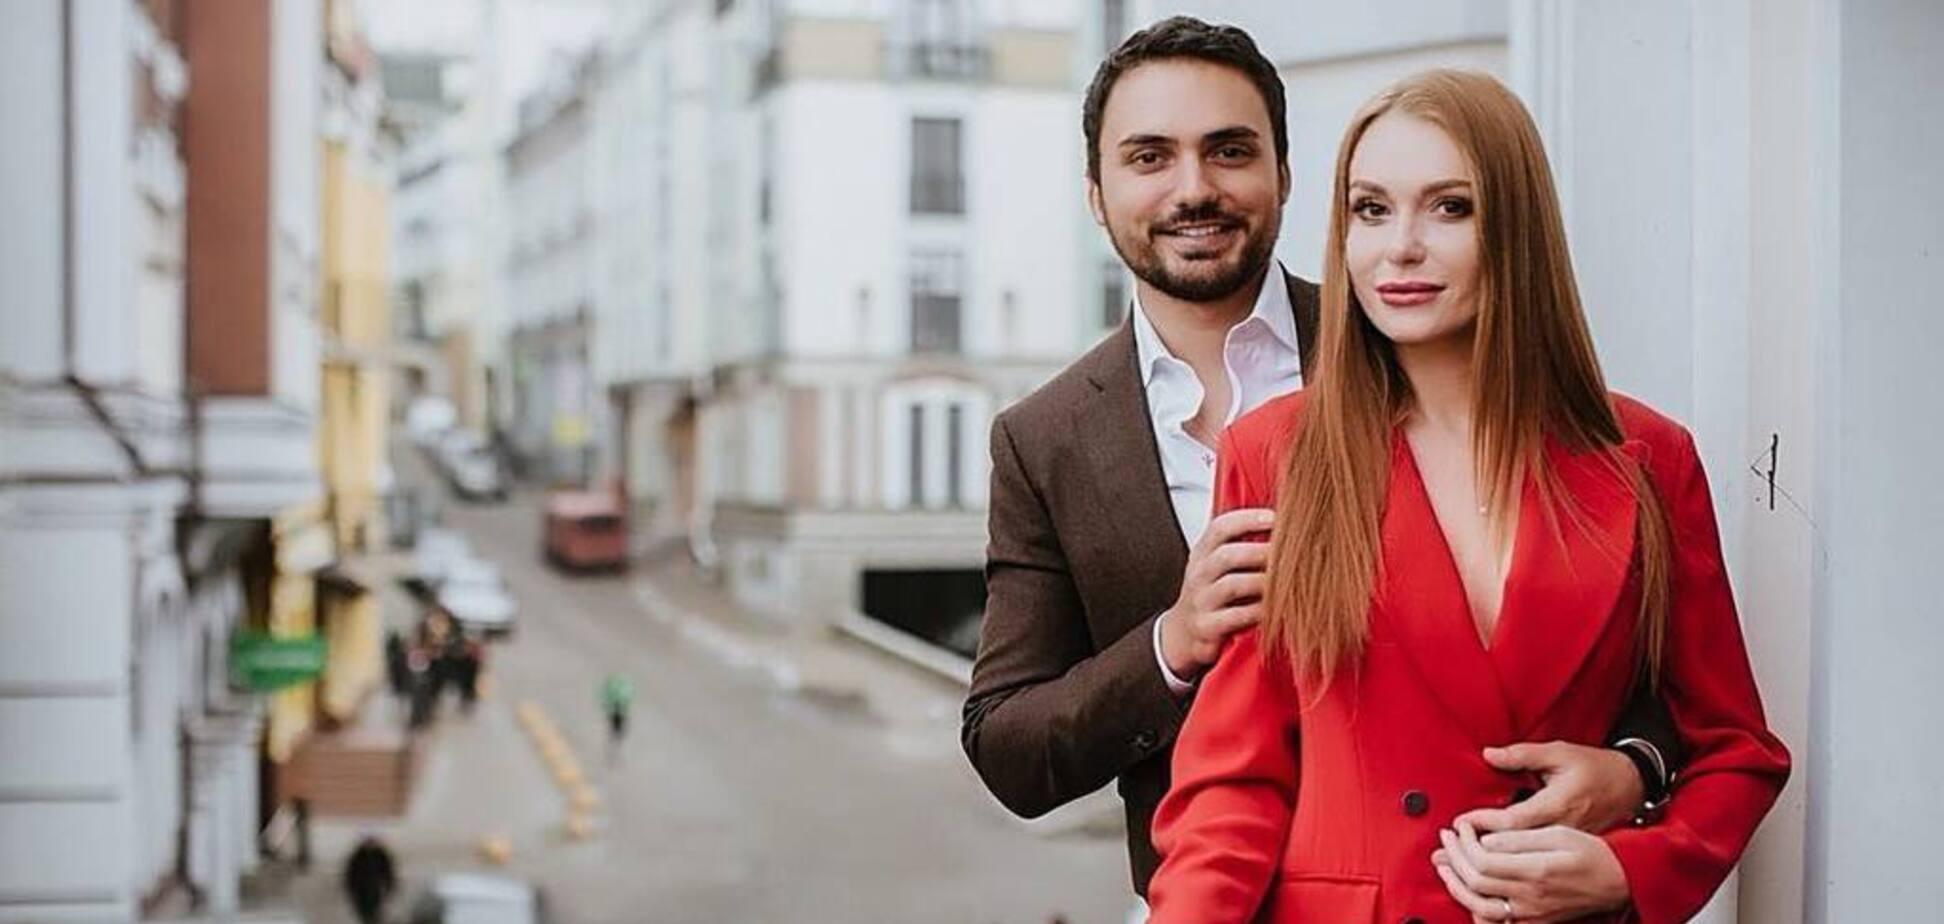 Слава Каминская развелась с мужем: подробности громкого расставания